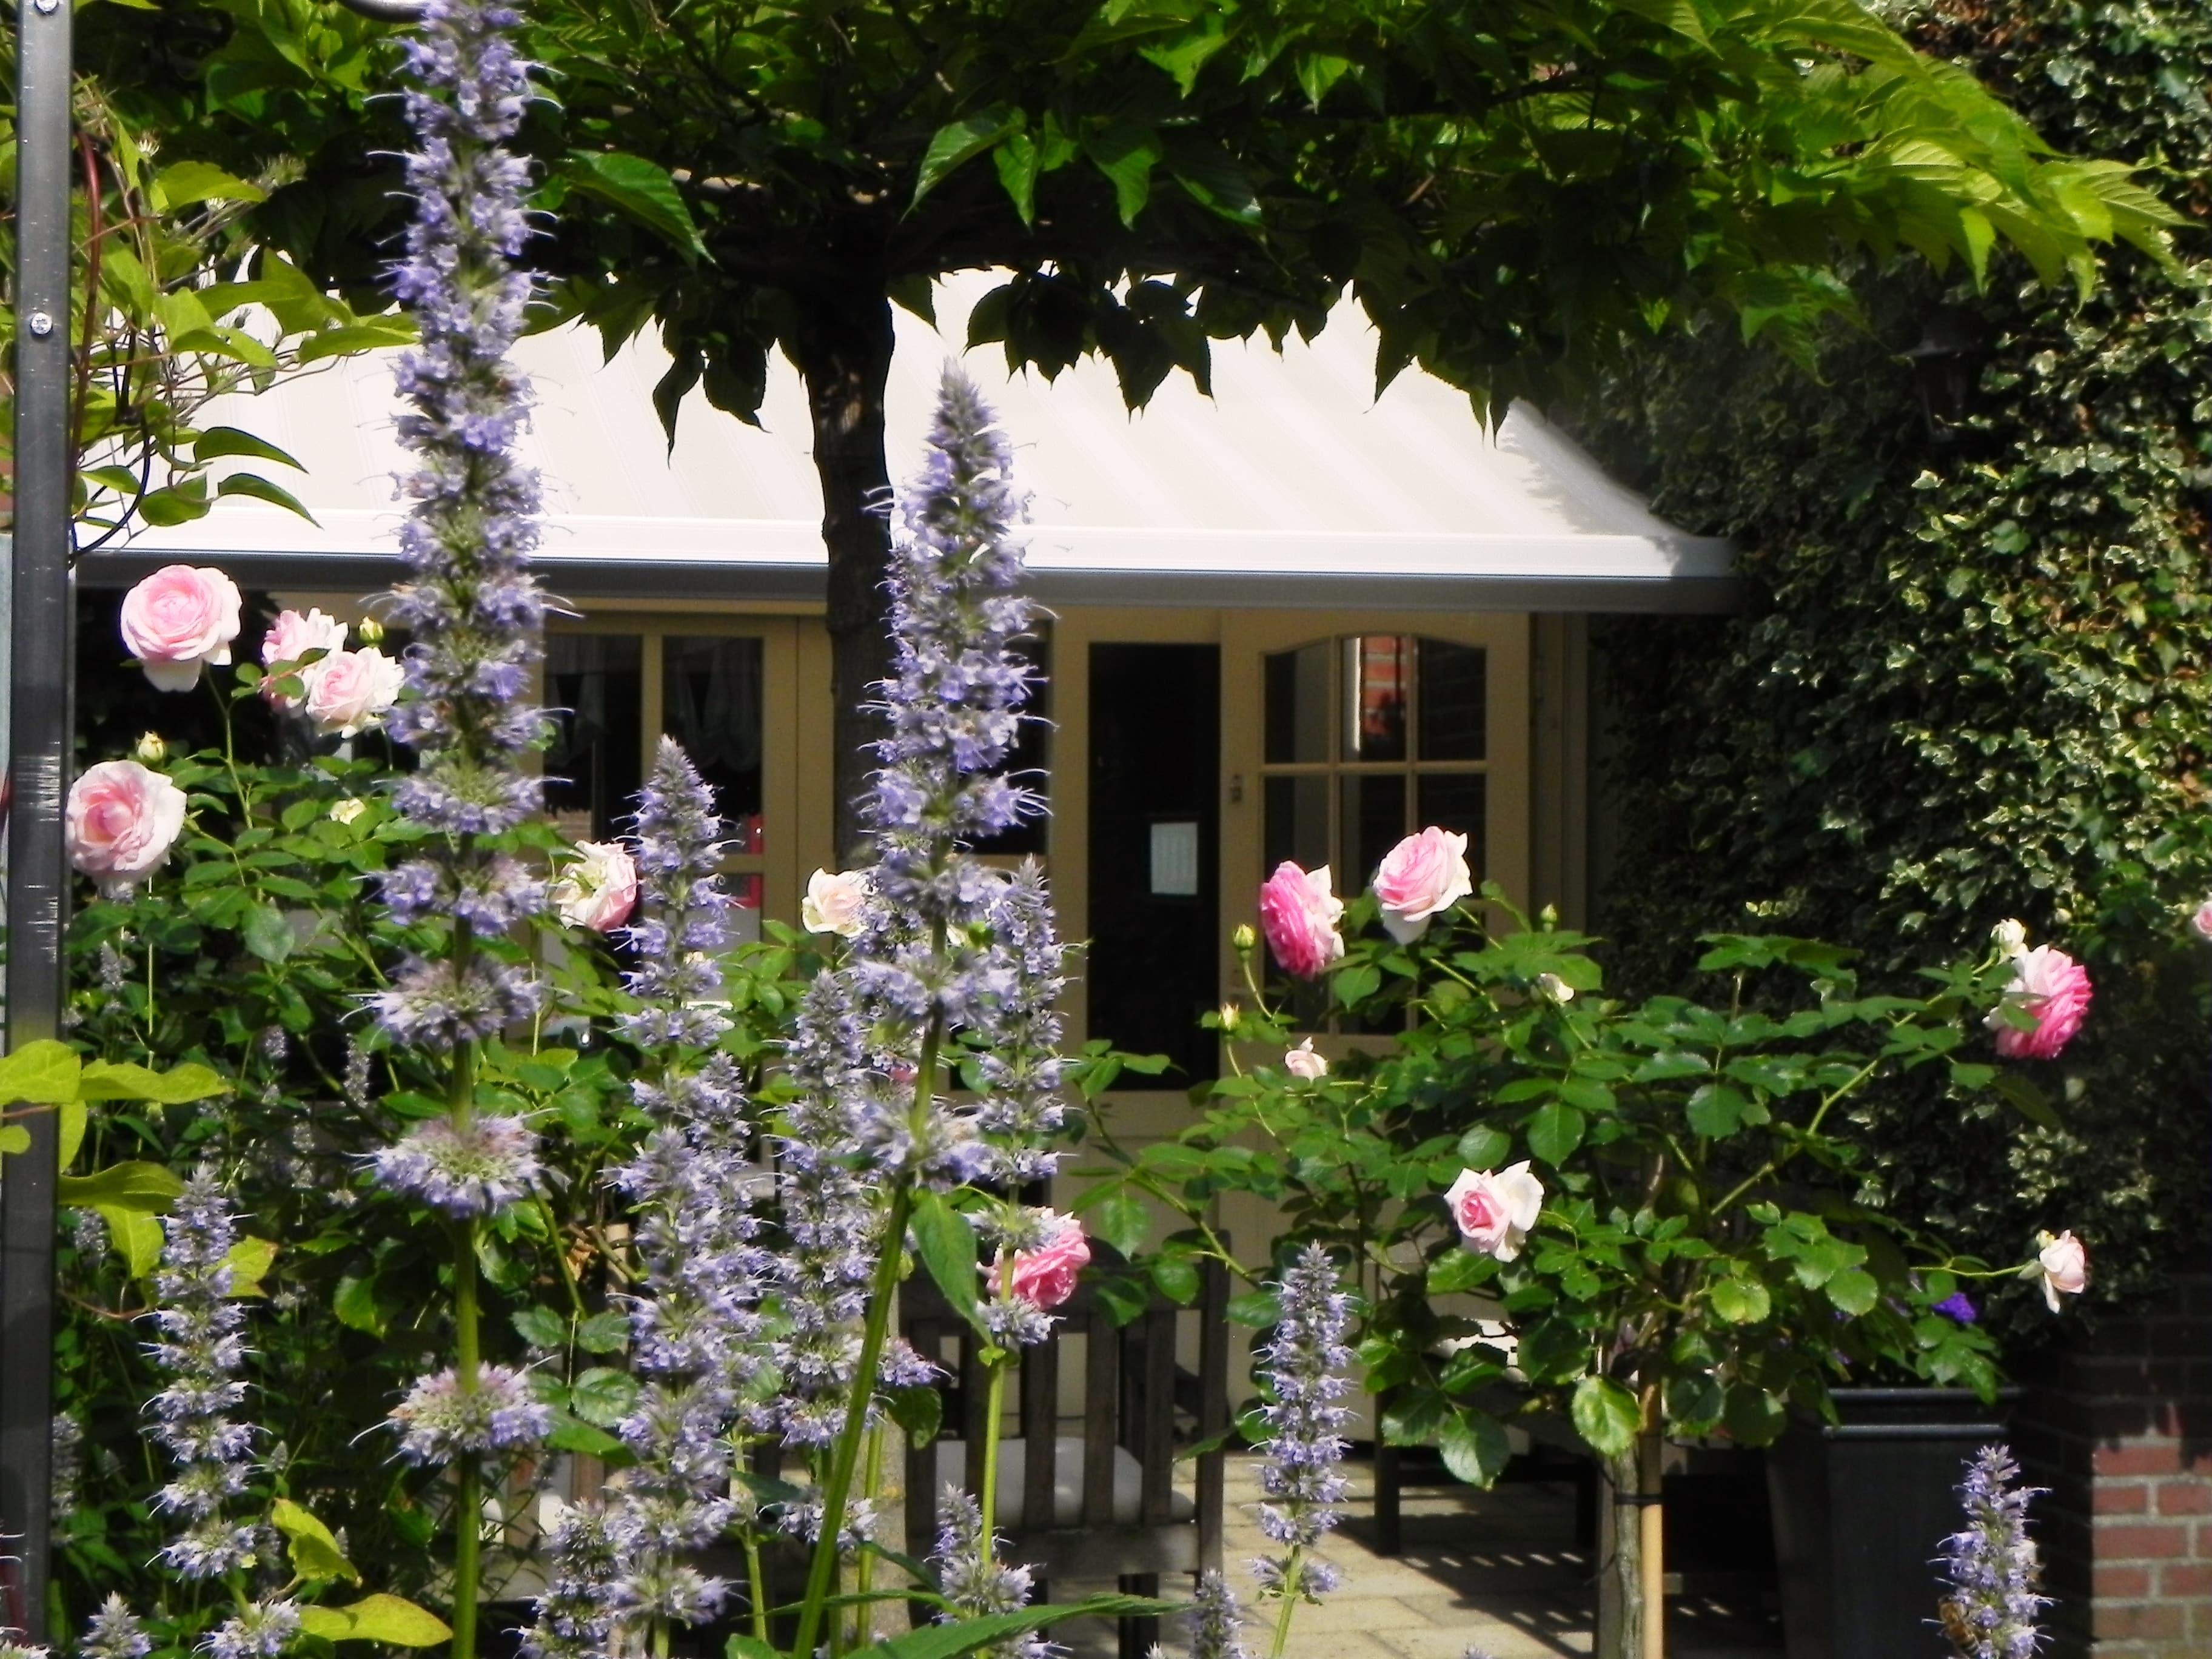 kleine tuin met een fijne uitstraling